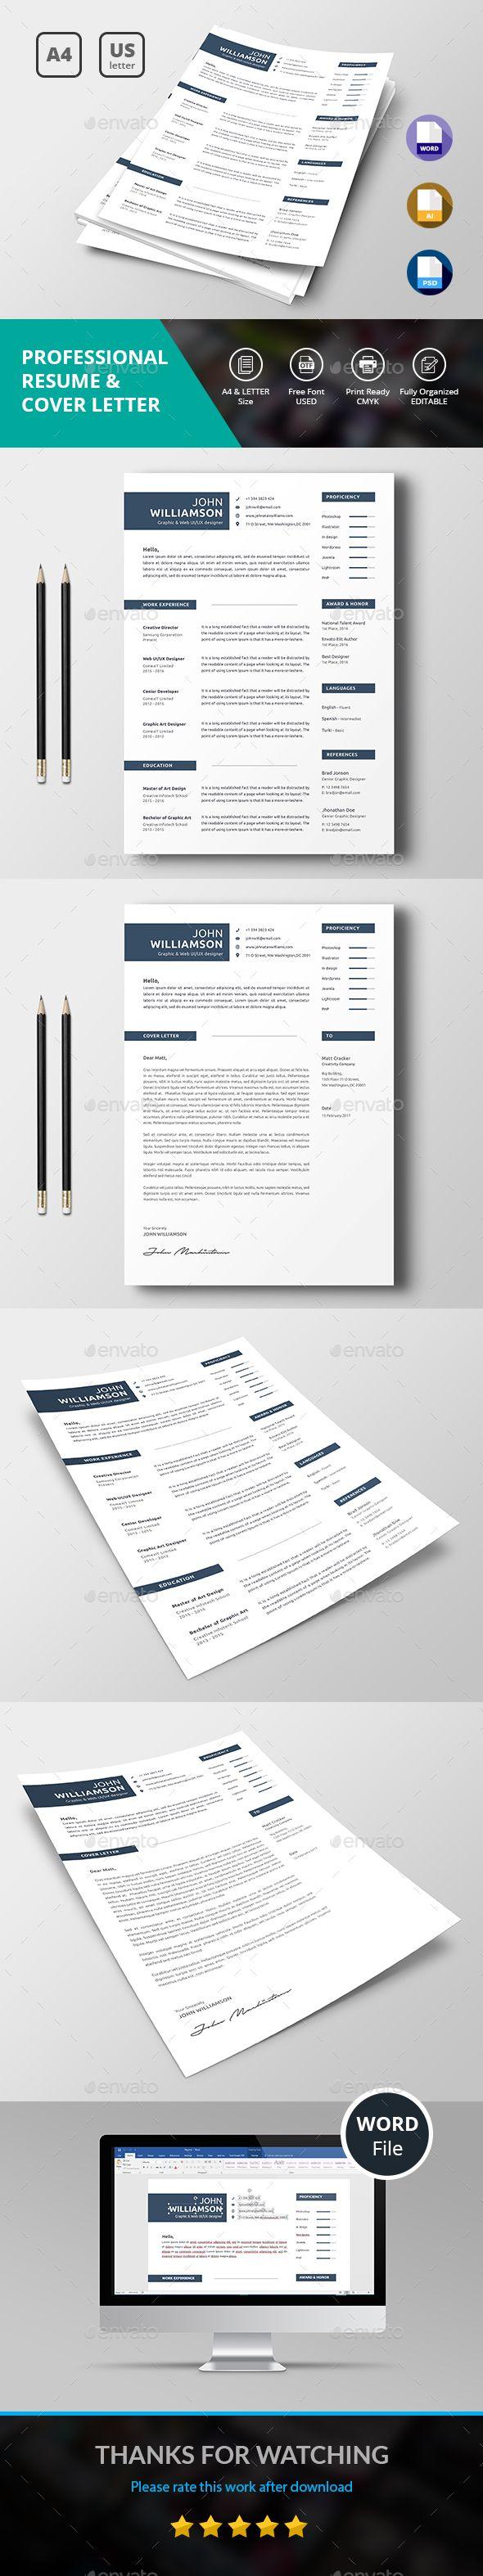 Resume Resume Cover Letter TemplateLetter 7